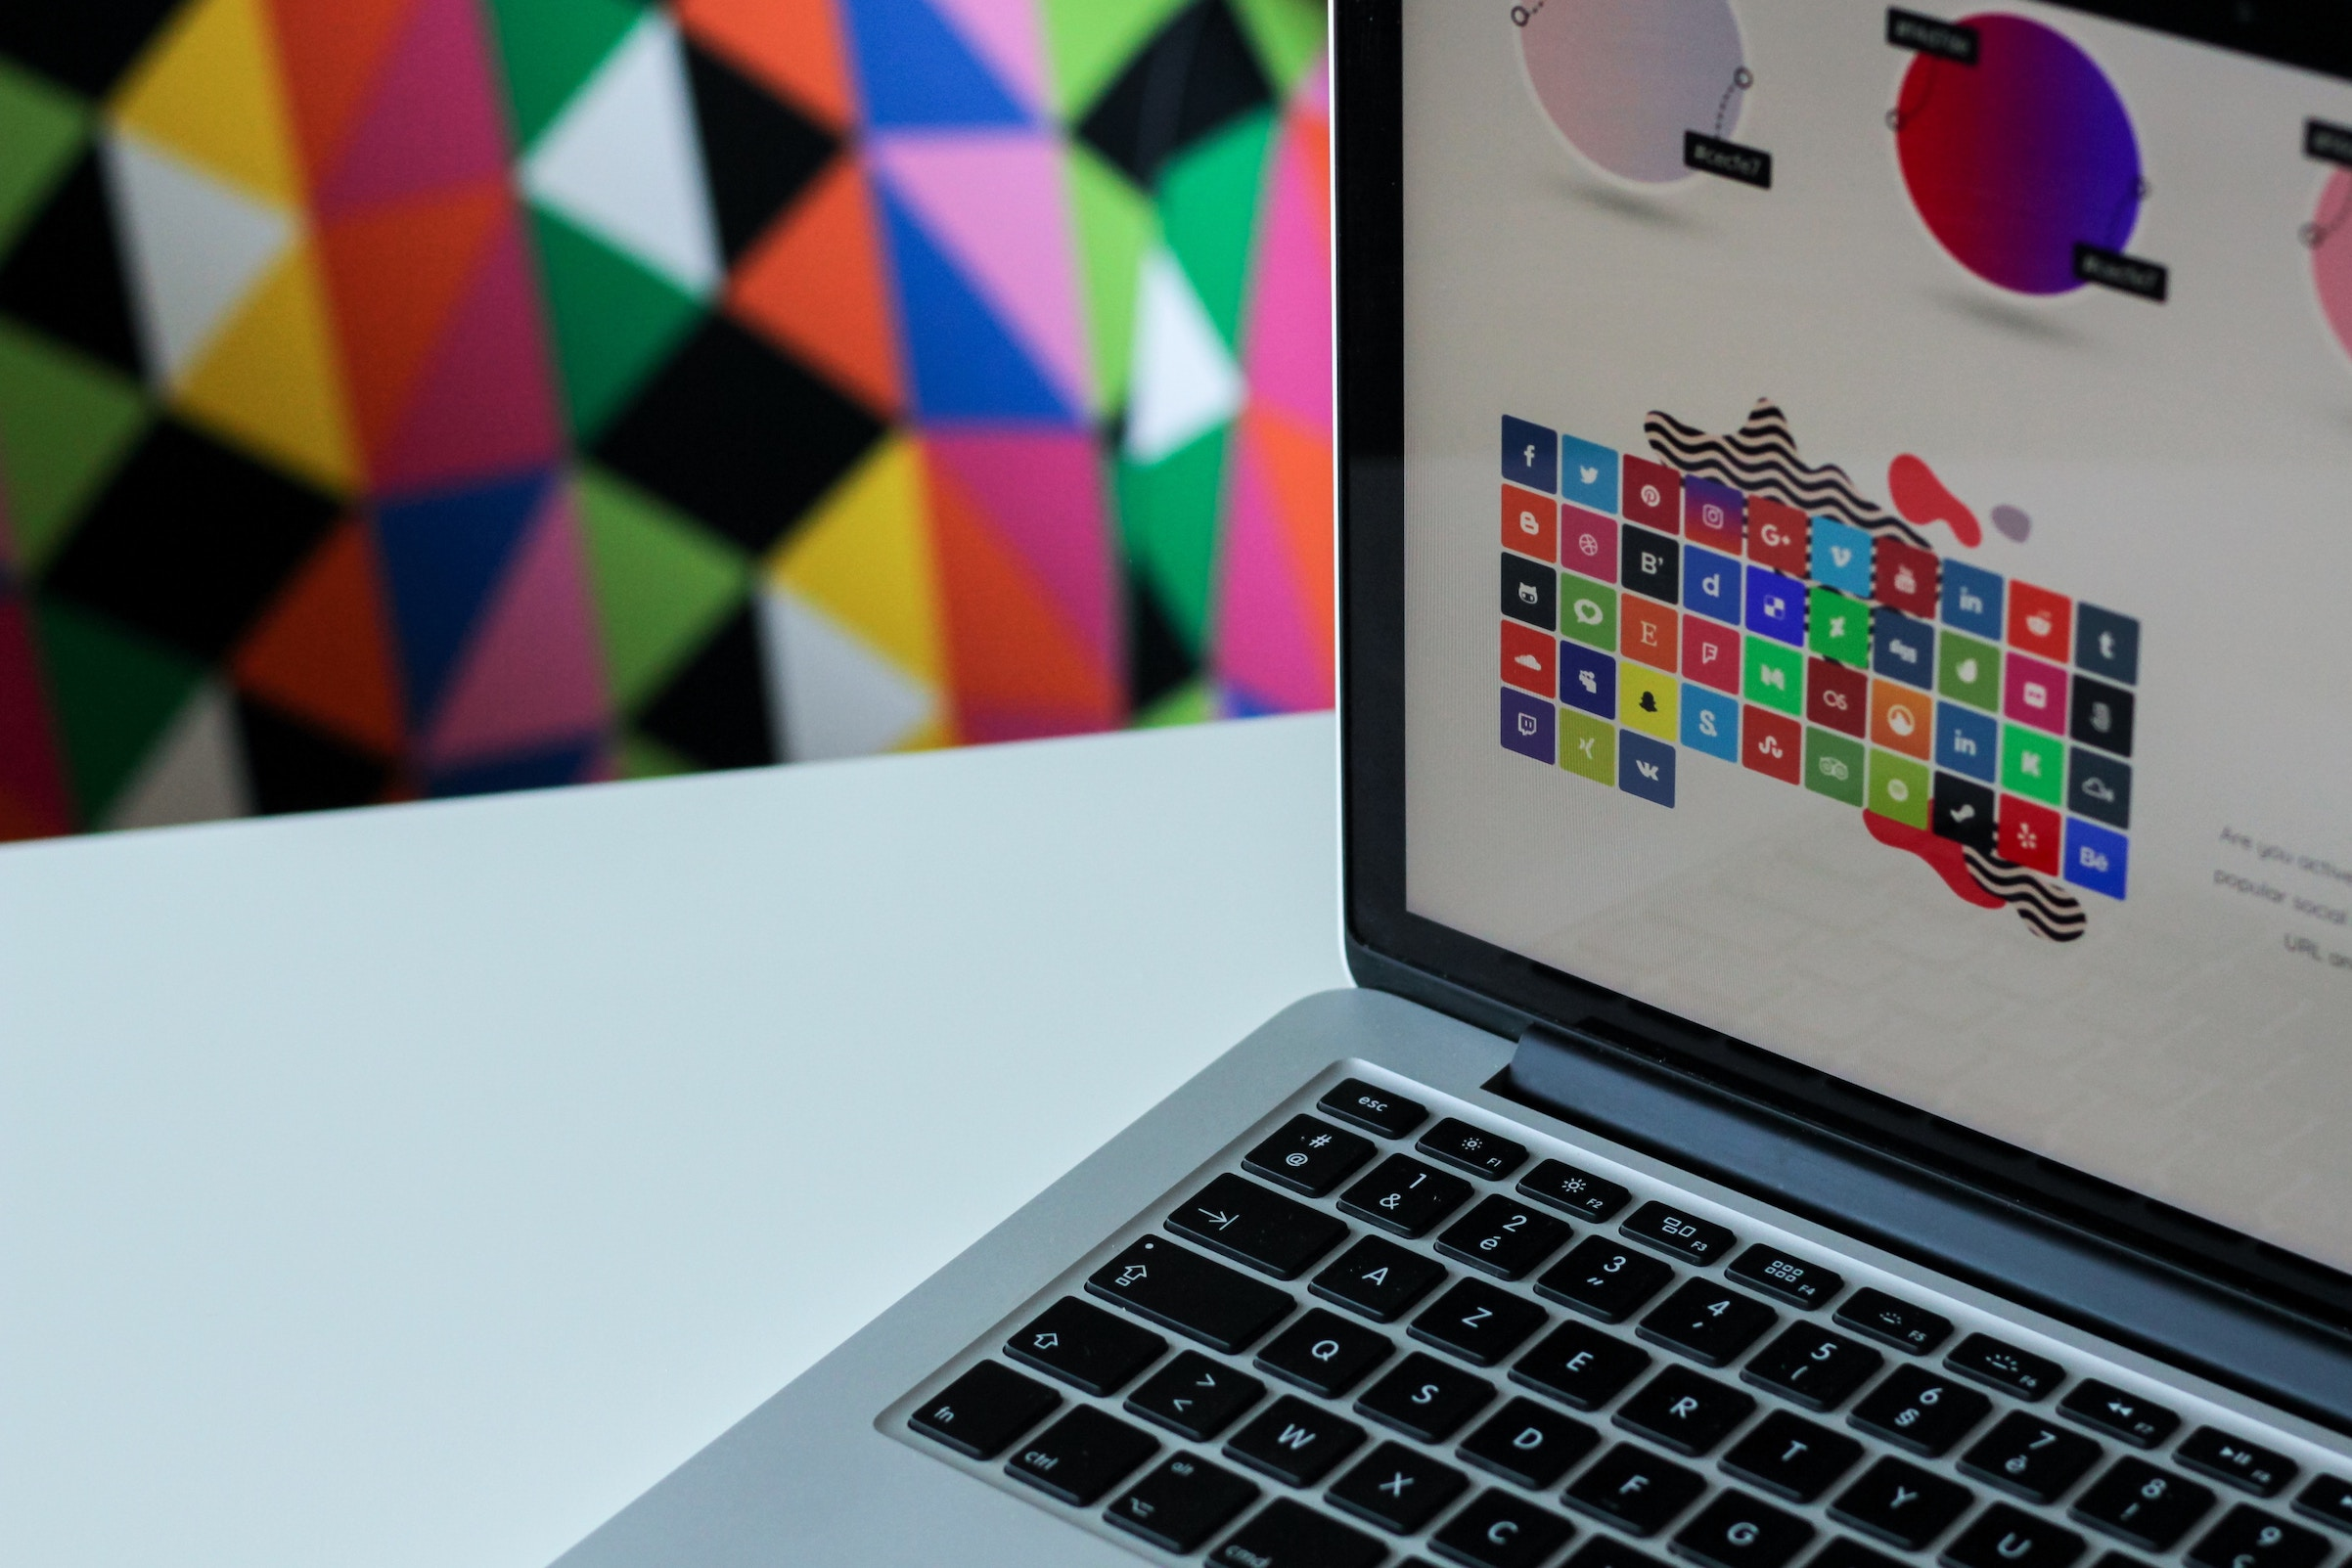 herramientas gratis de diseño de imágenes